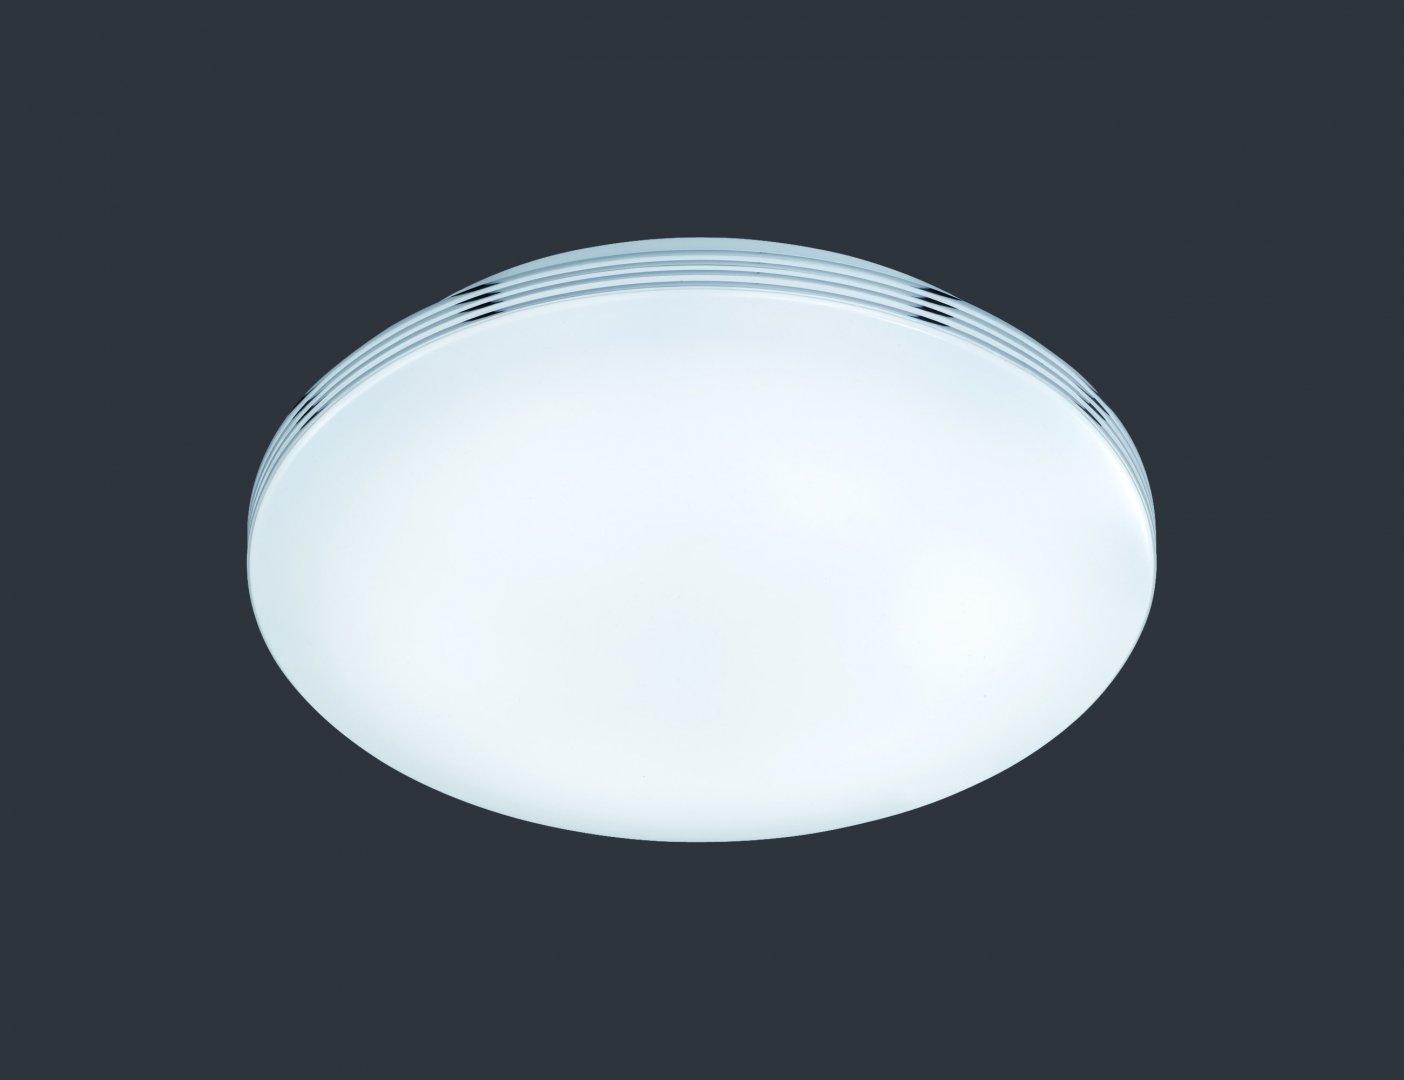 Plafoniere Baie : Corpuri de iluminat decorative pentru bai plafoniere